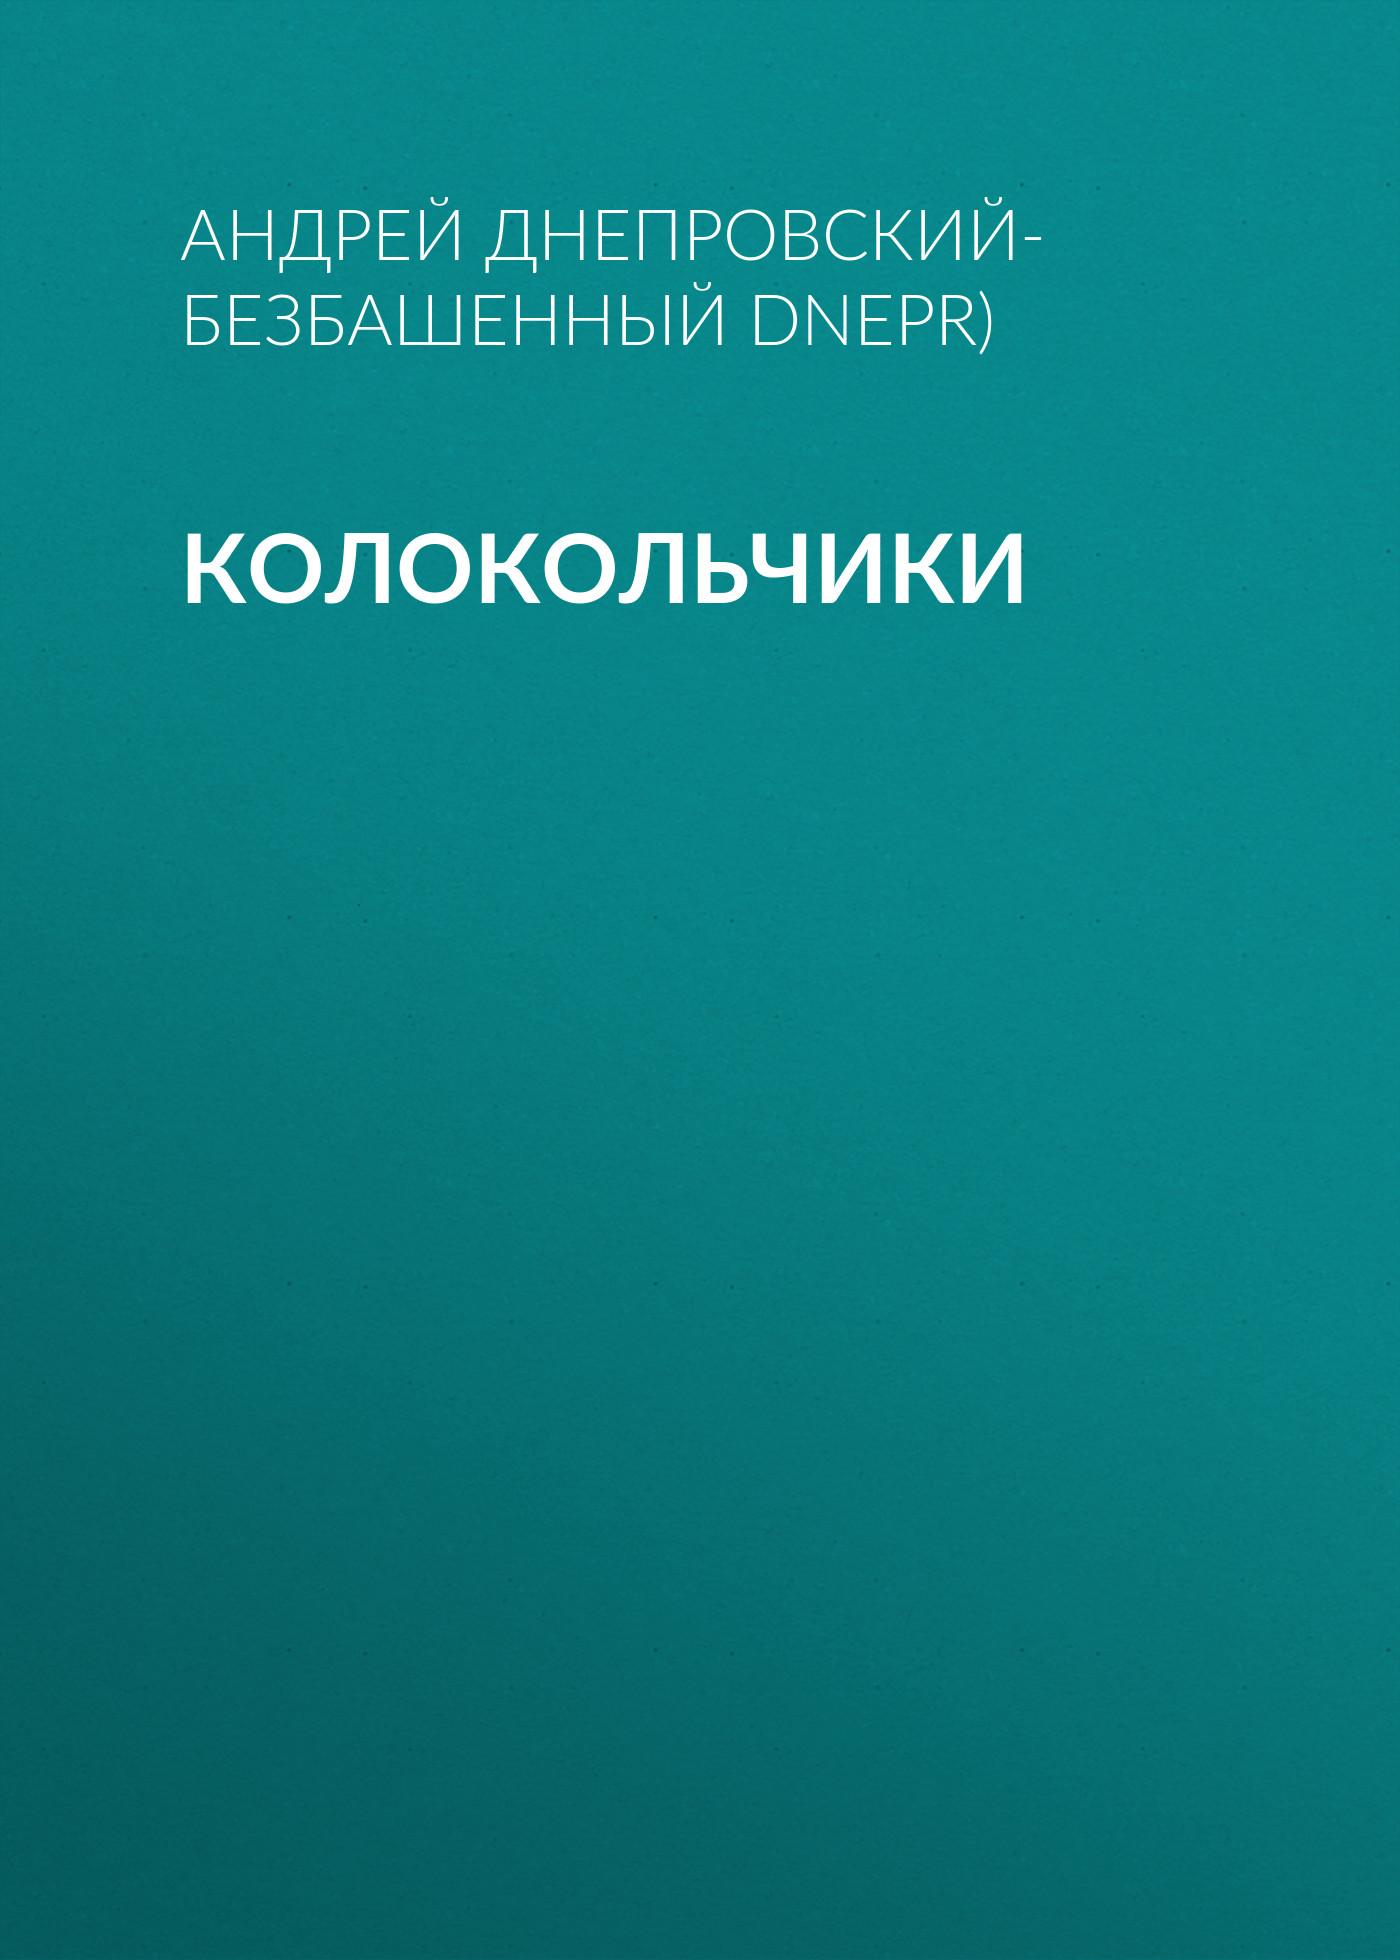 Андрей Днепровский-Безбашенный (A.DNEPR) Колокольчики цена